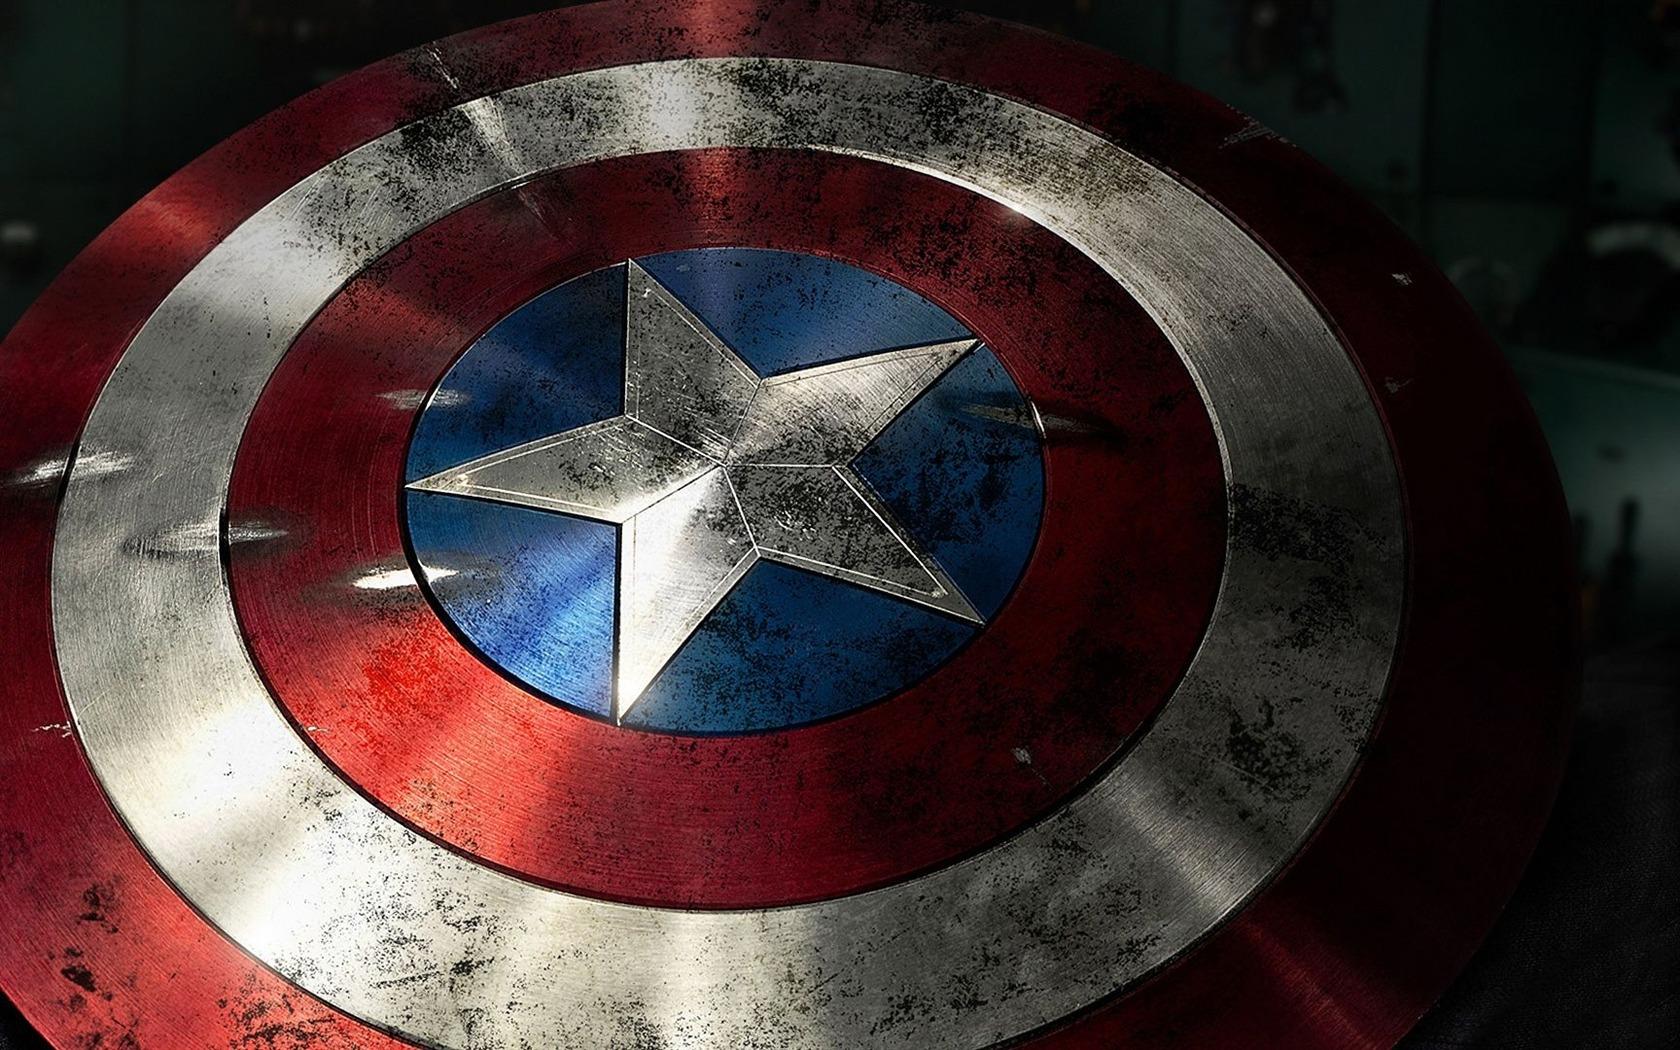 美国队长3 captain america:civil war 2016 电影高清壁纸 - 1680x